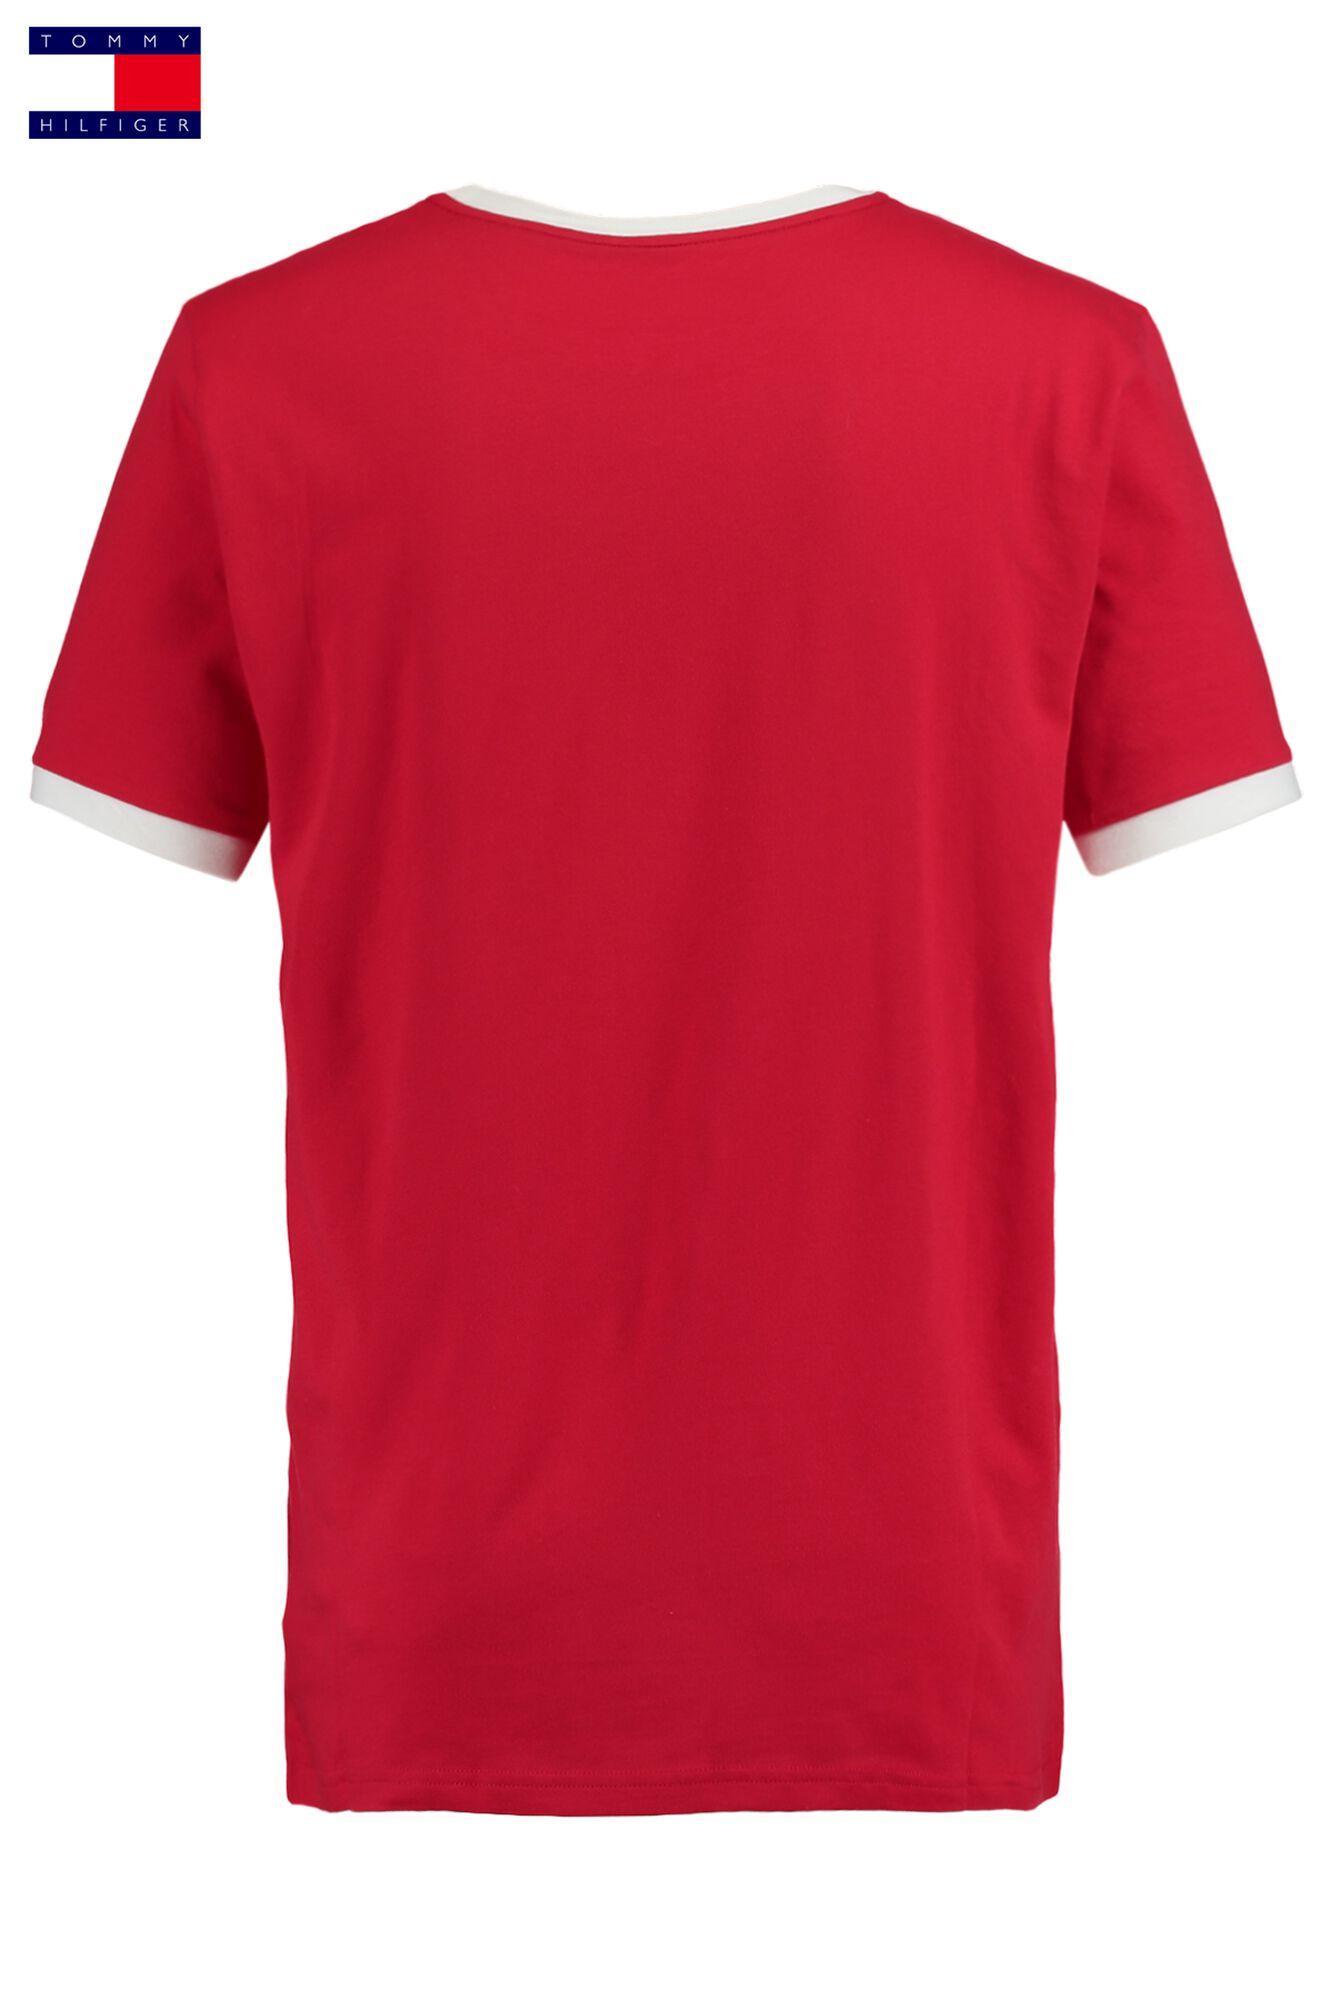 9c5f7cb02 Men T-shirt Tommy Hilfiger Logo Red Buy Online